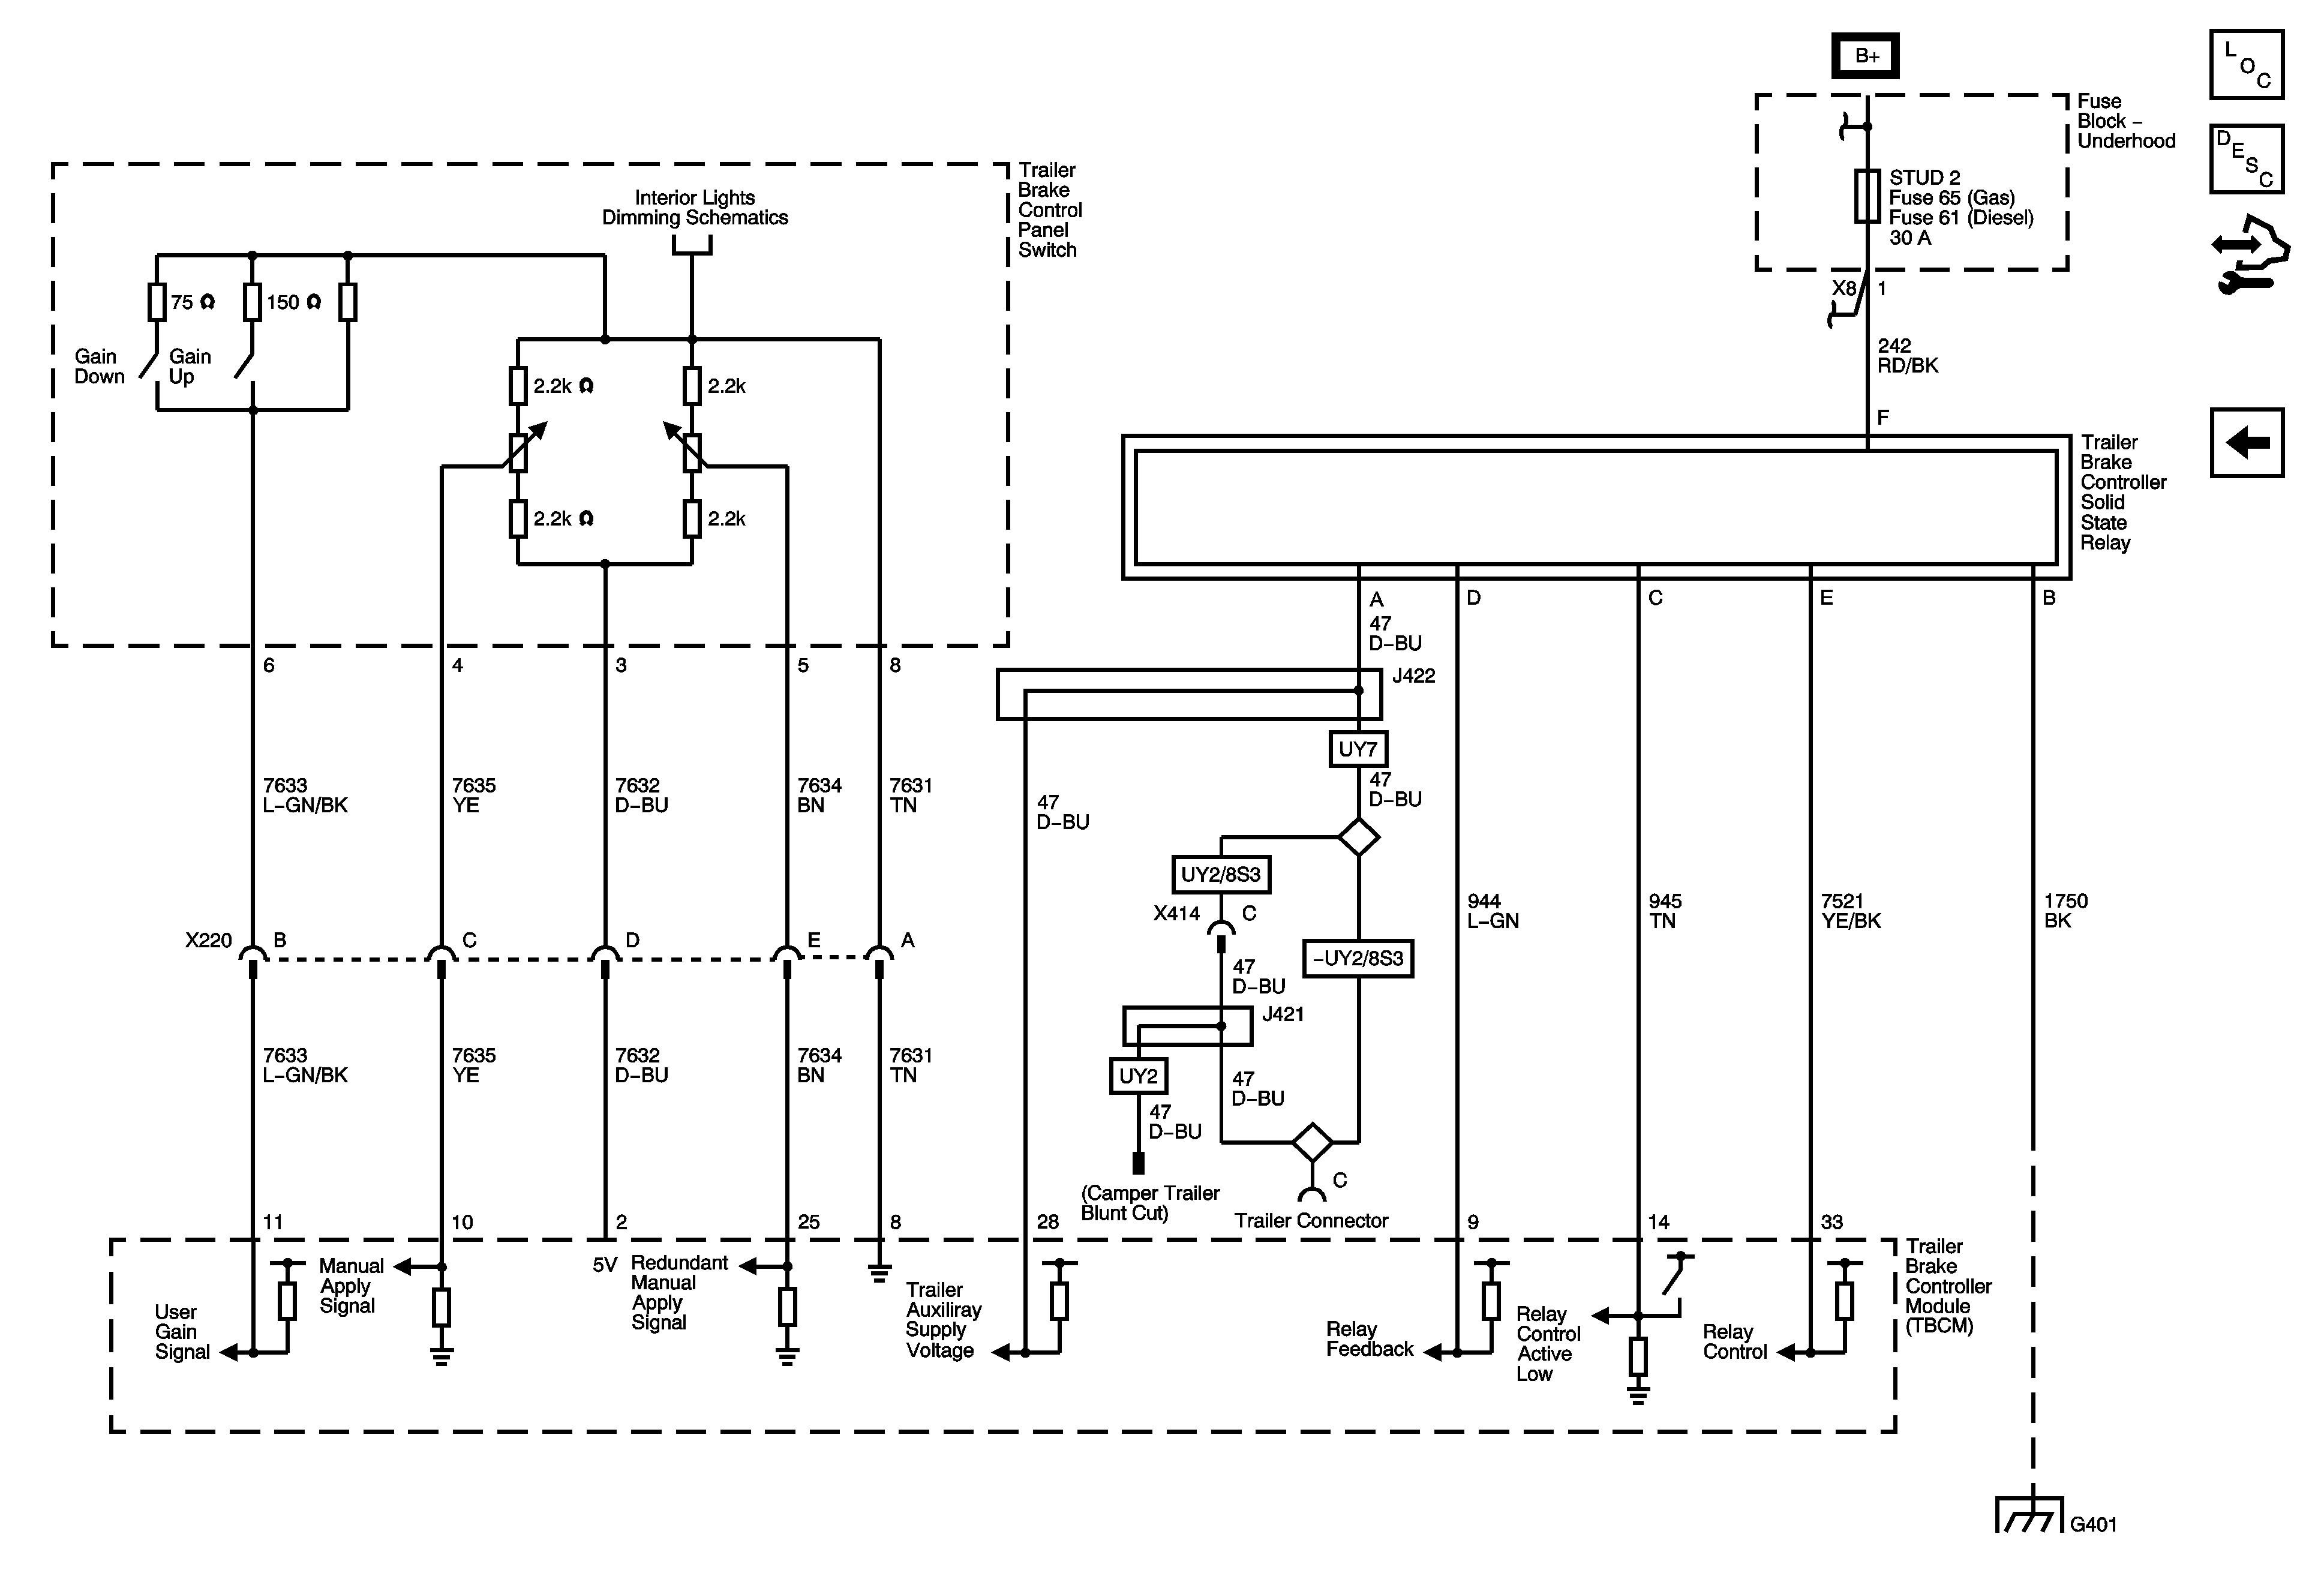 Brake Light Wiring Diagram Awesome Brake Light Wiring Diagram Chevy Diagram Of Brake Light Wiring Diagram